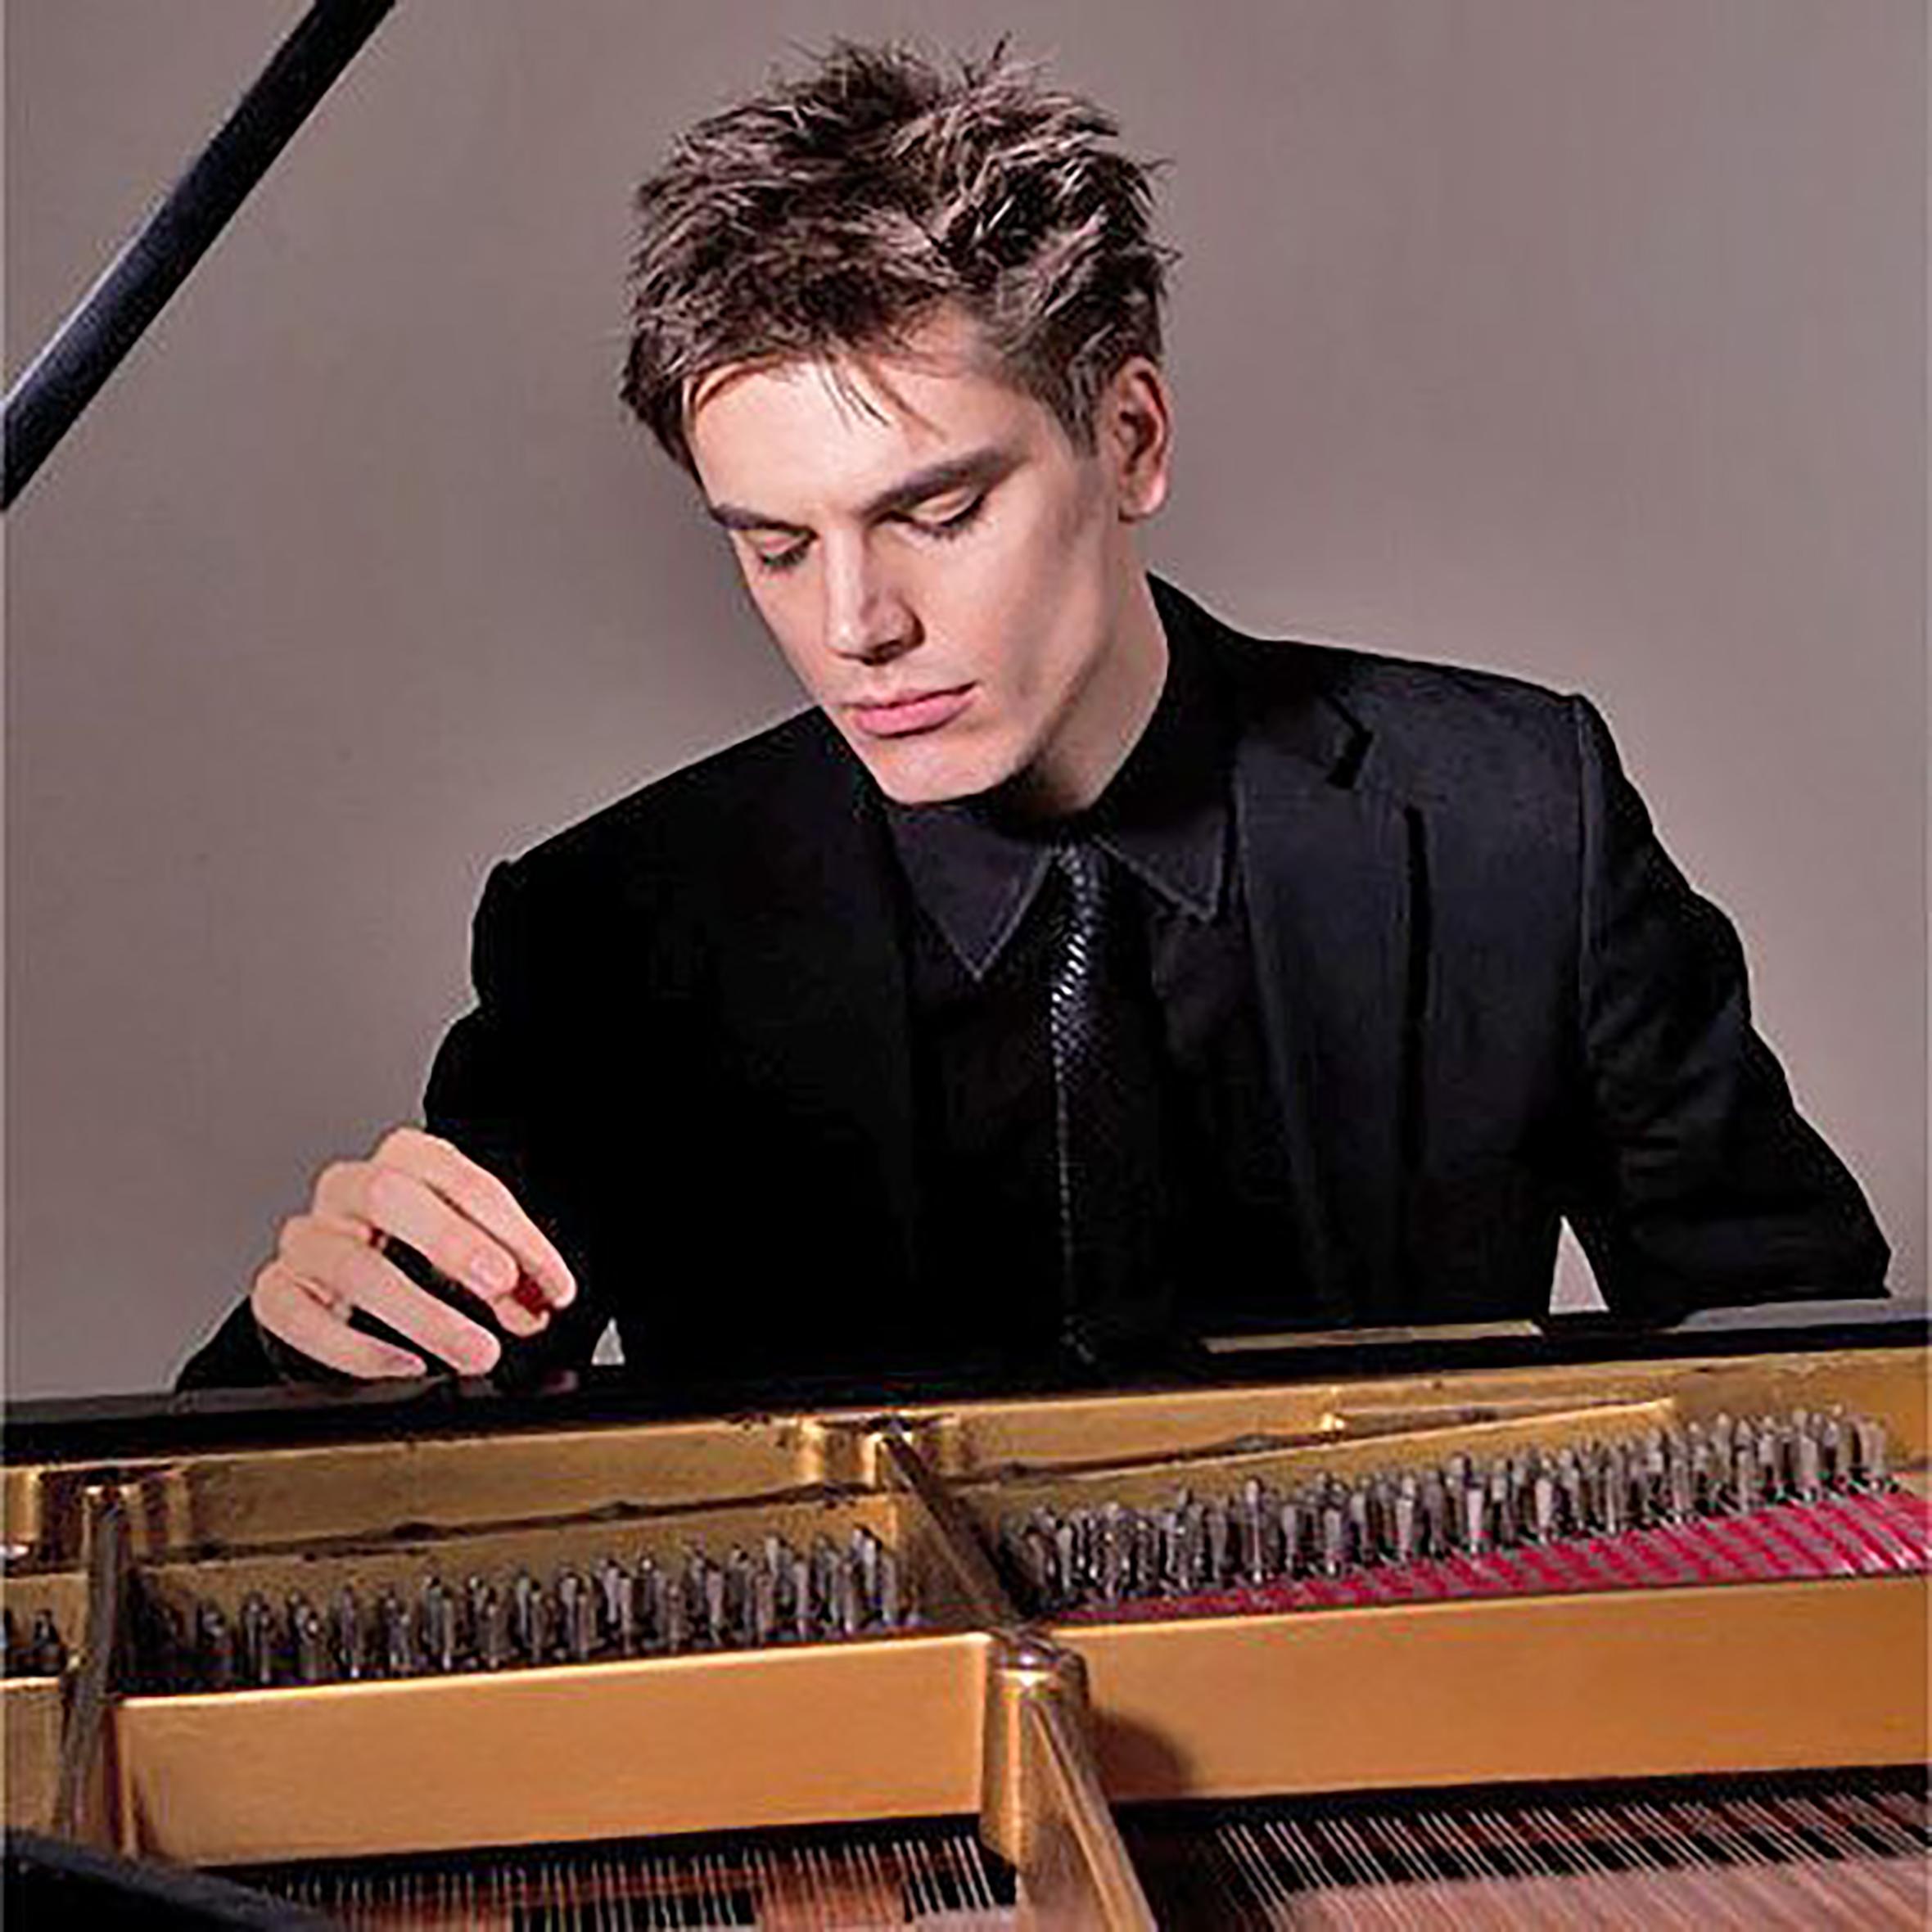 Portrait of Andrew Tyson